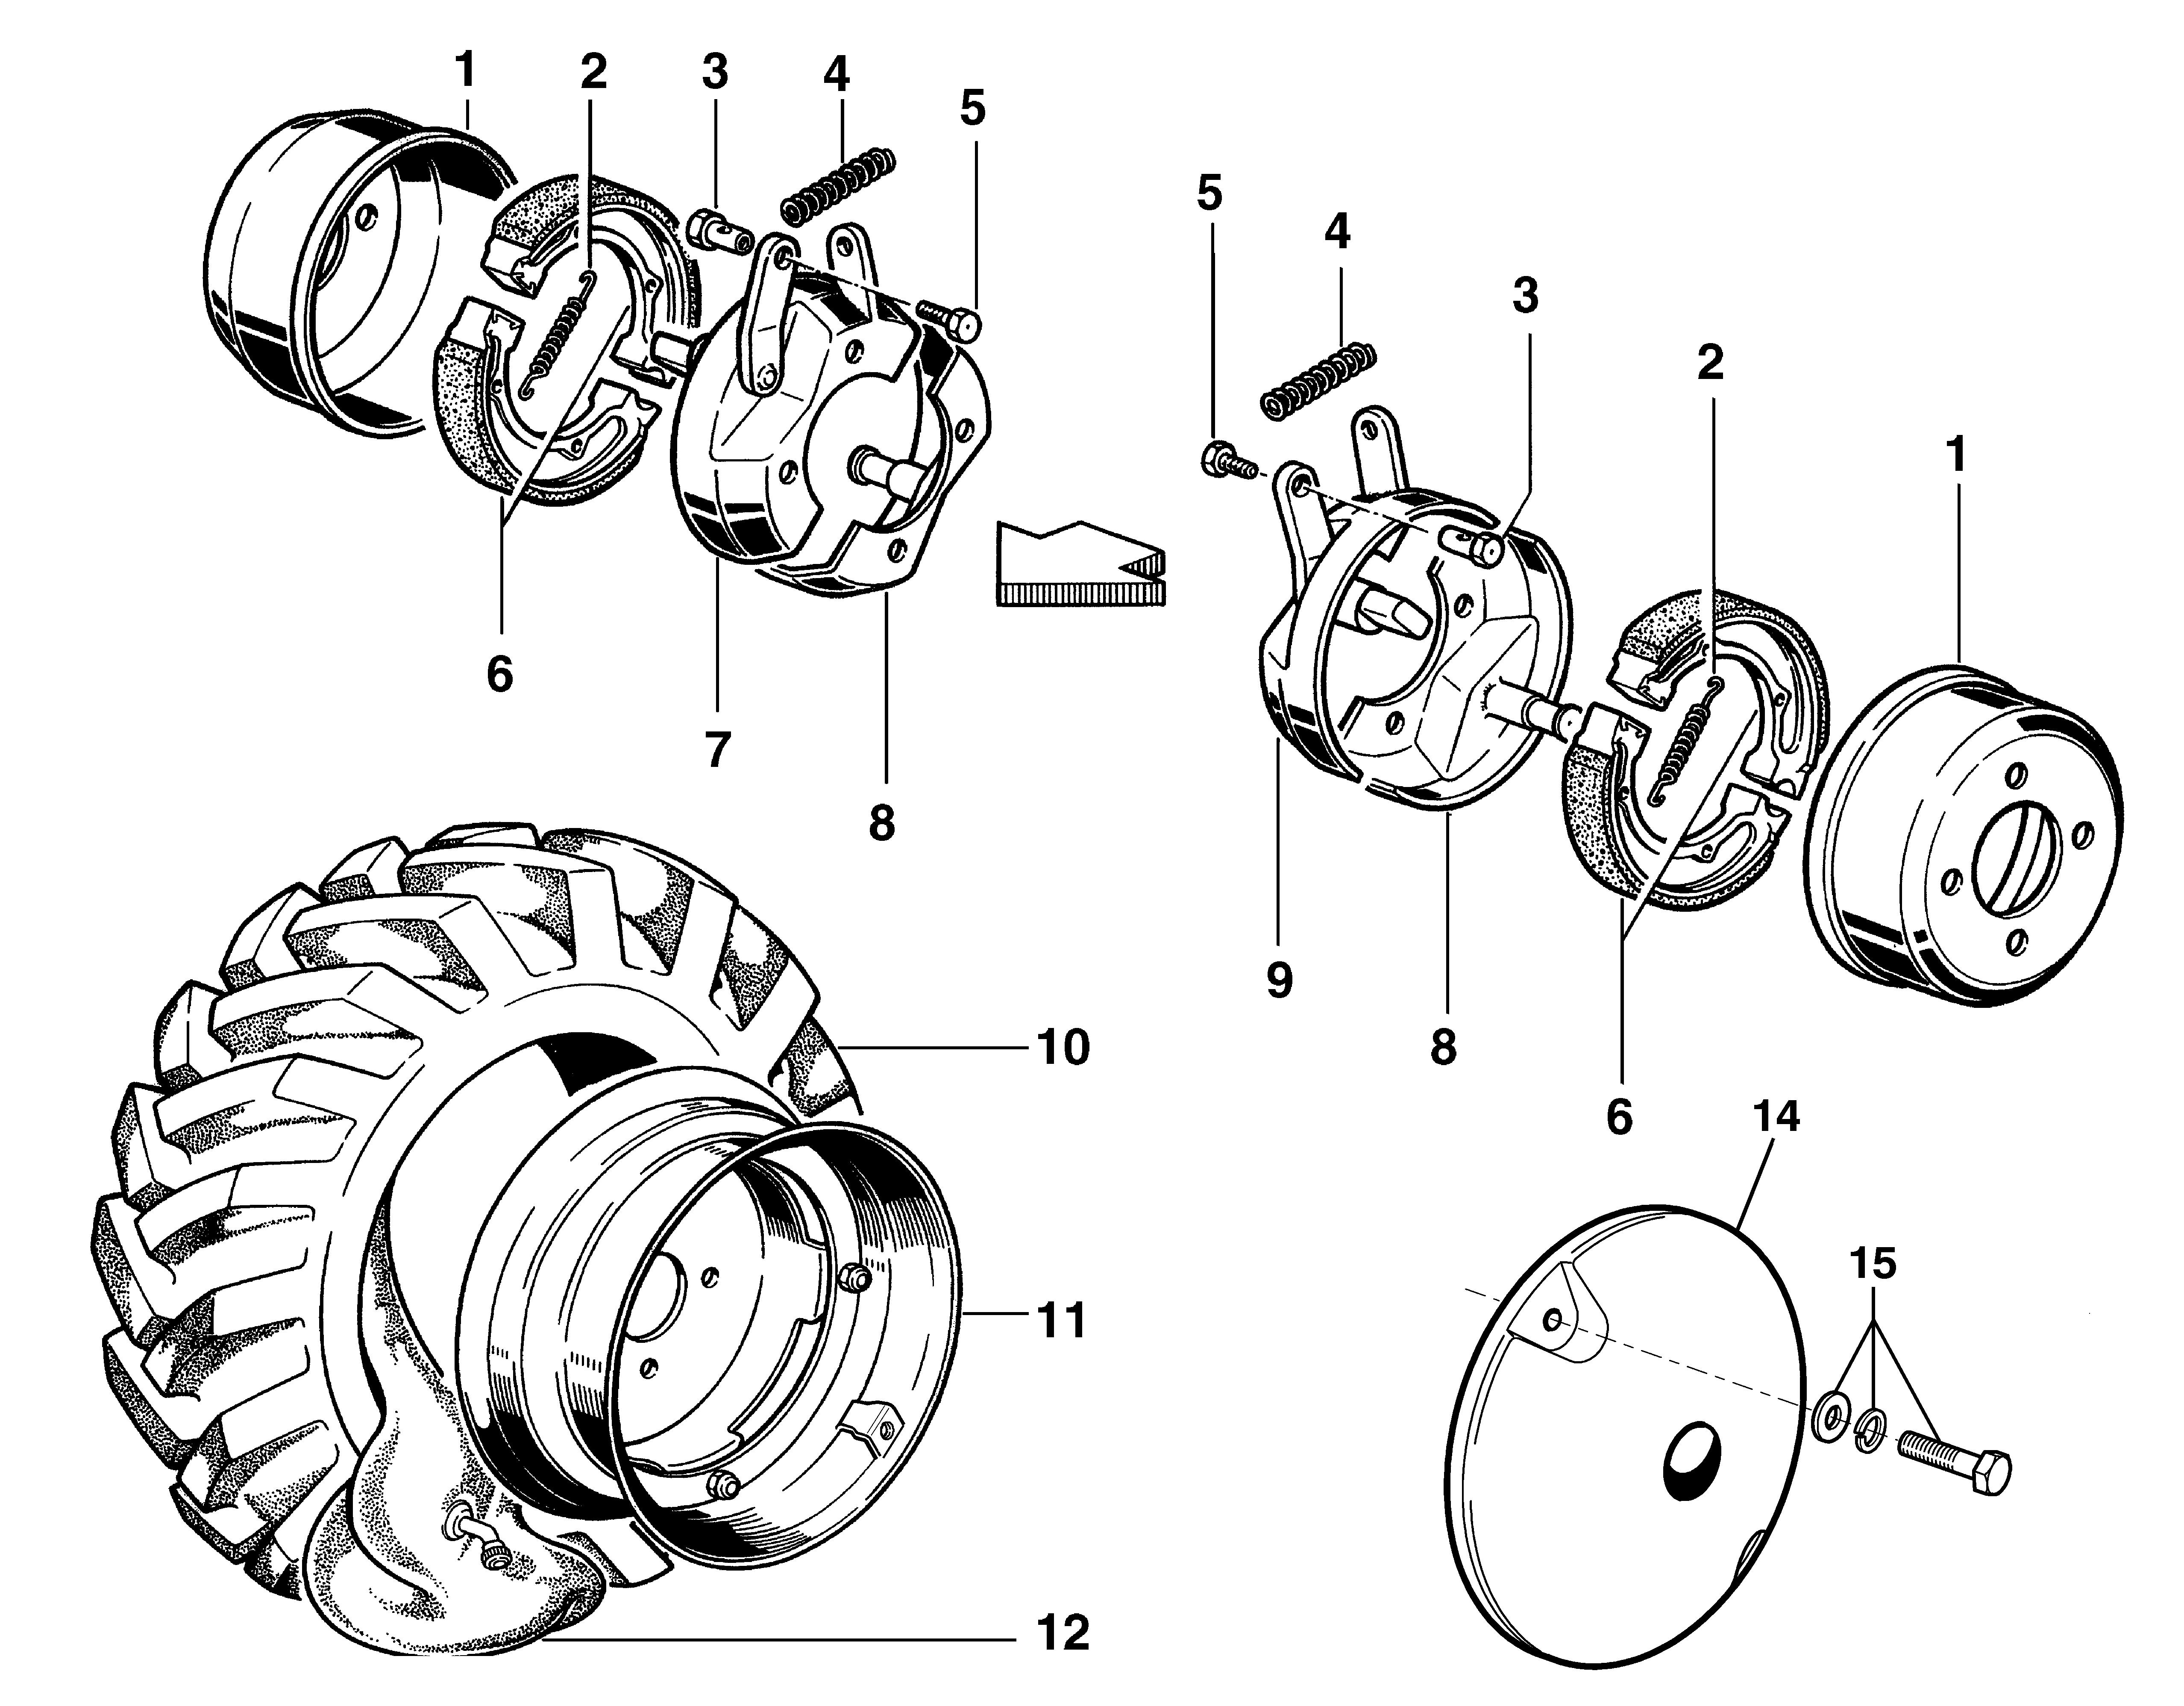 KAM 5 HF Motoculteur  OLEOMAC NIBBI vue éclatée  Dessins pièces -  Frein et roues